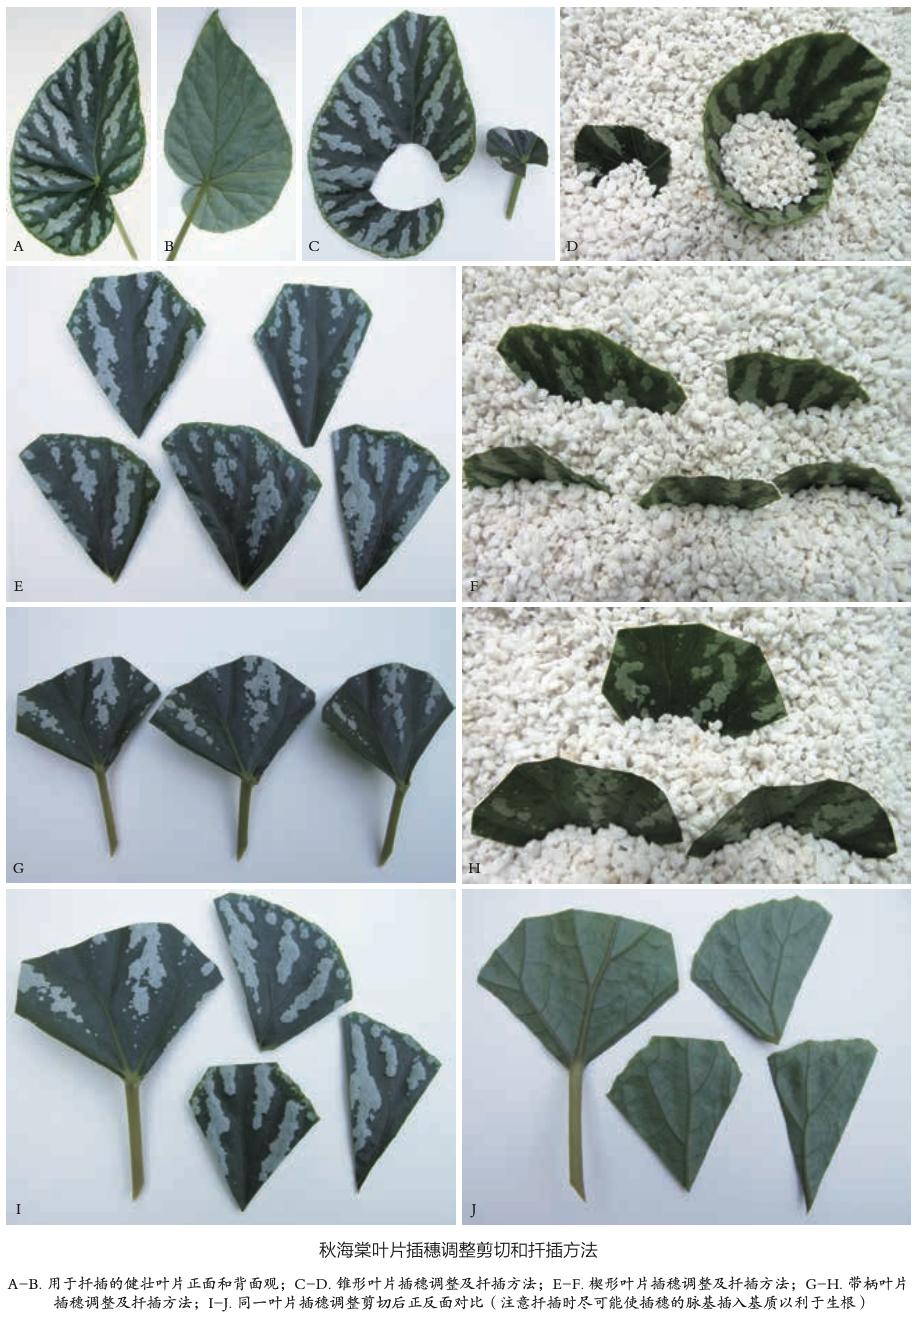 图6 秋海棠叶片插穗调整剪切和扦插方法.png